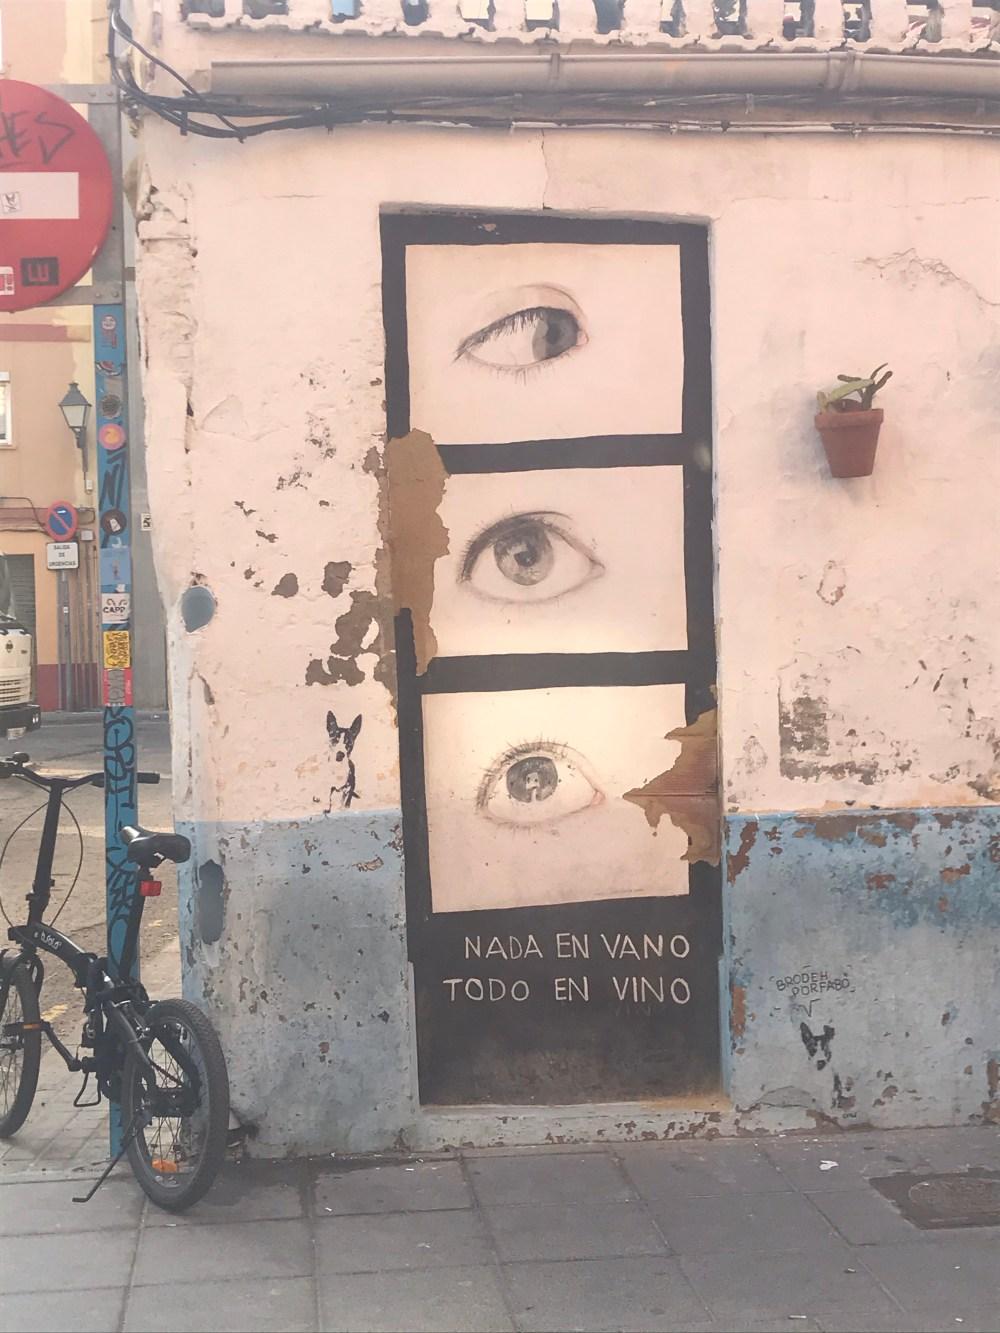 O que fazer em El Cabanyal: caminhar, com cuidado, observando cada casa, rua e cena